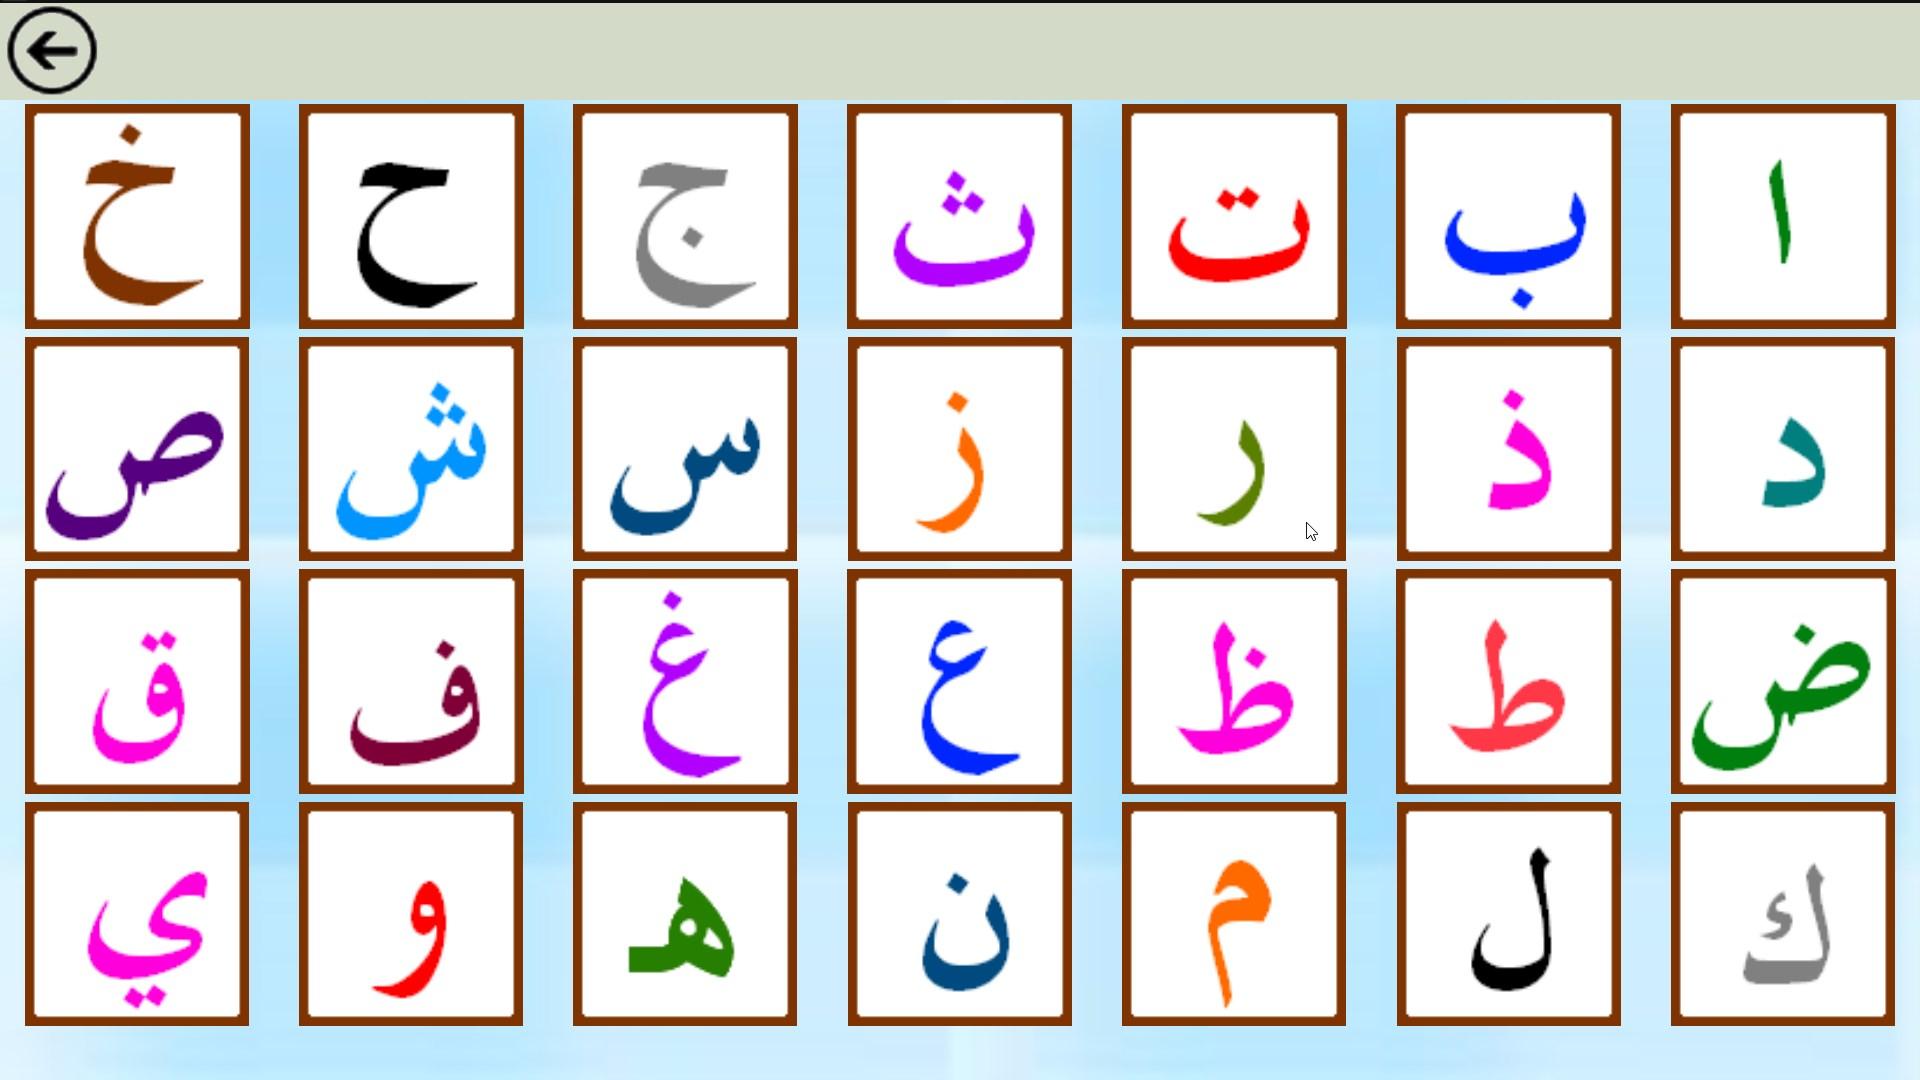 арабский алфавит на русском в картинках получил